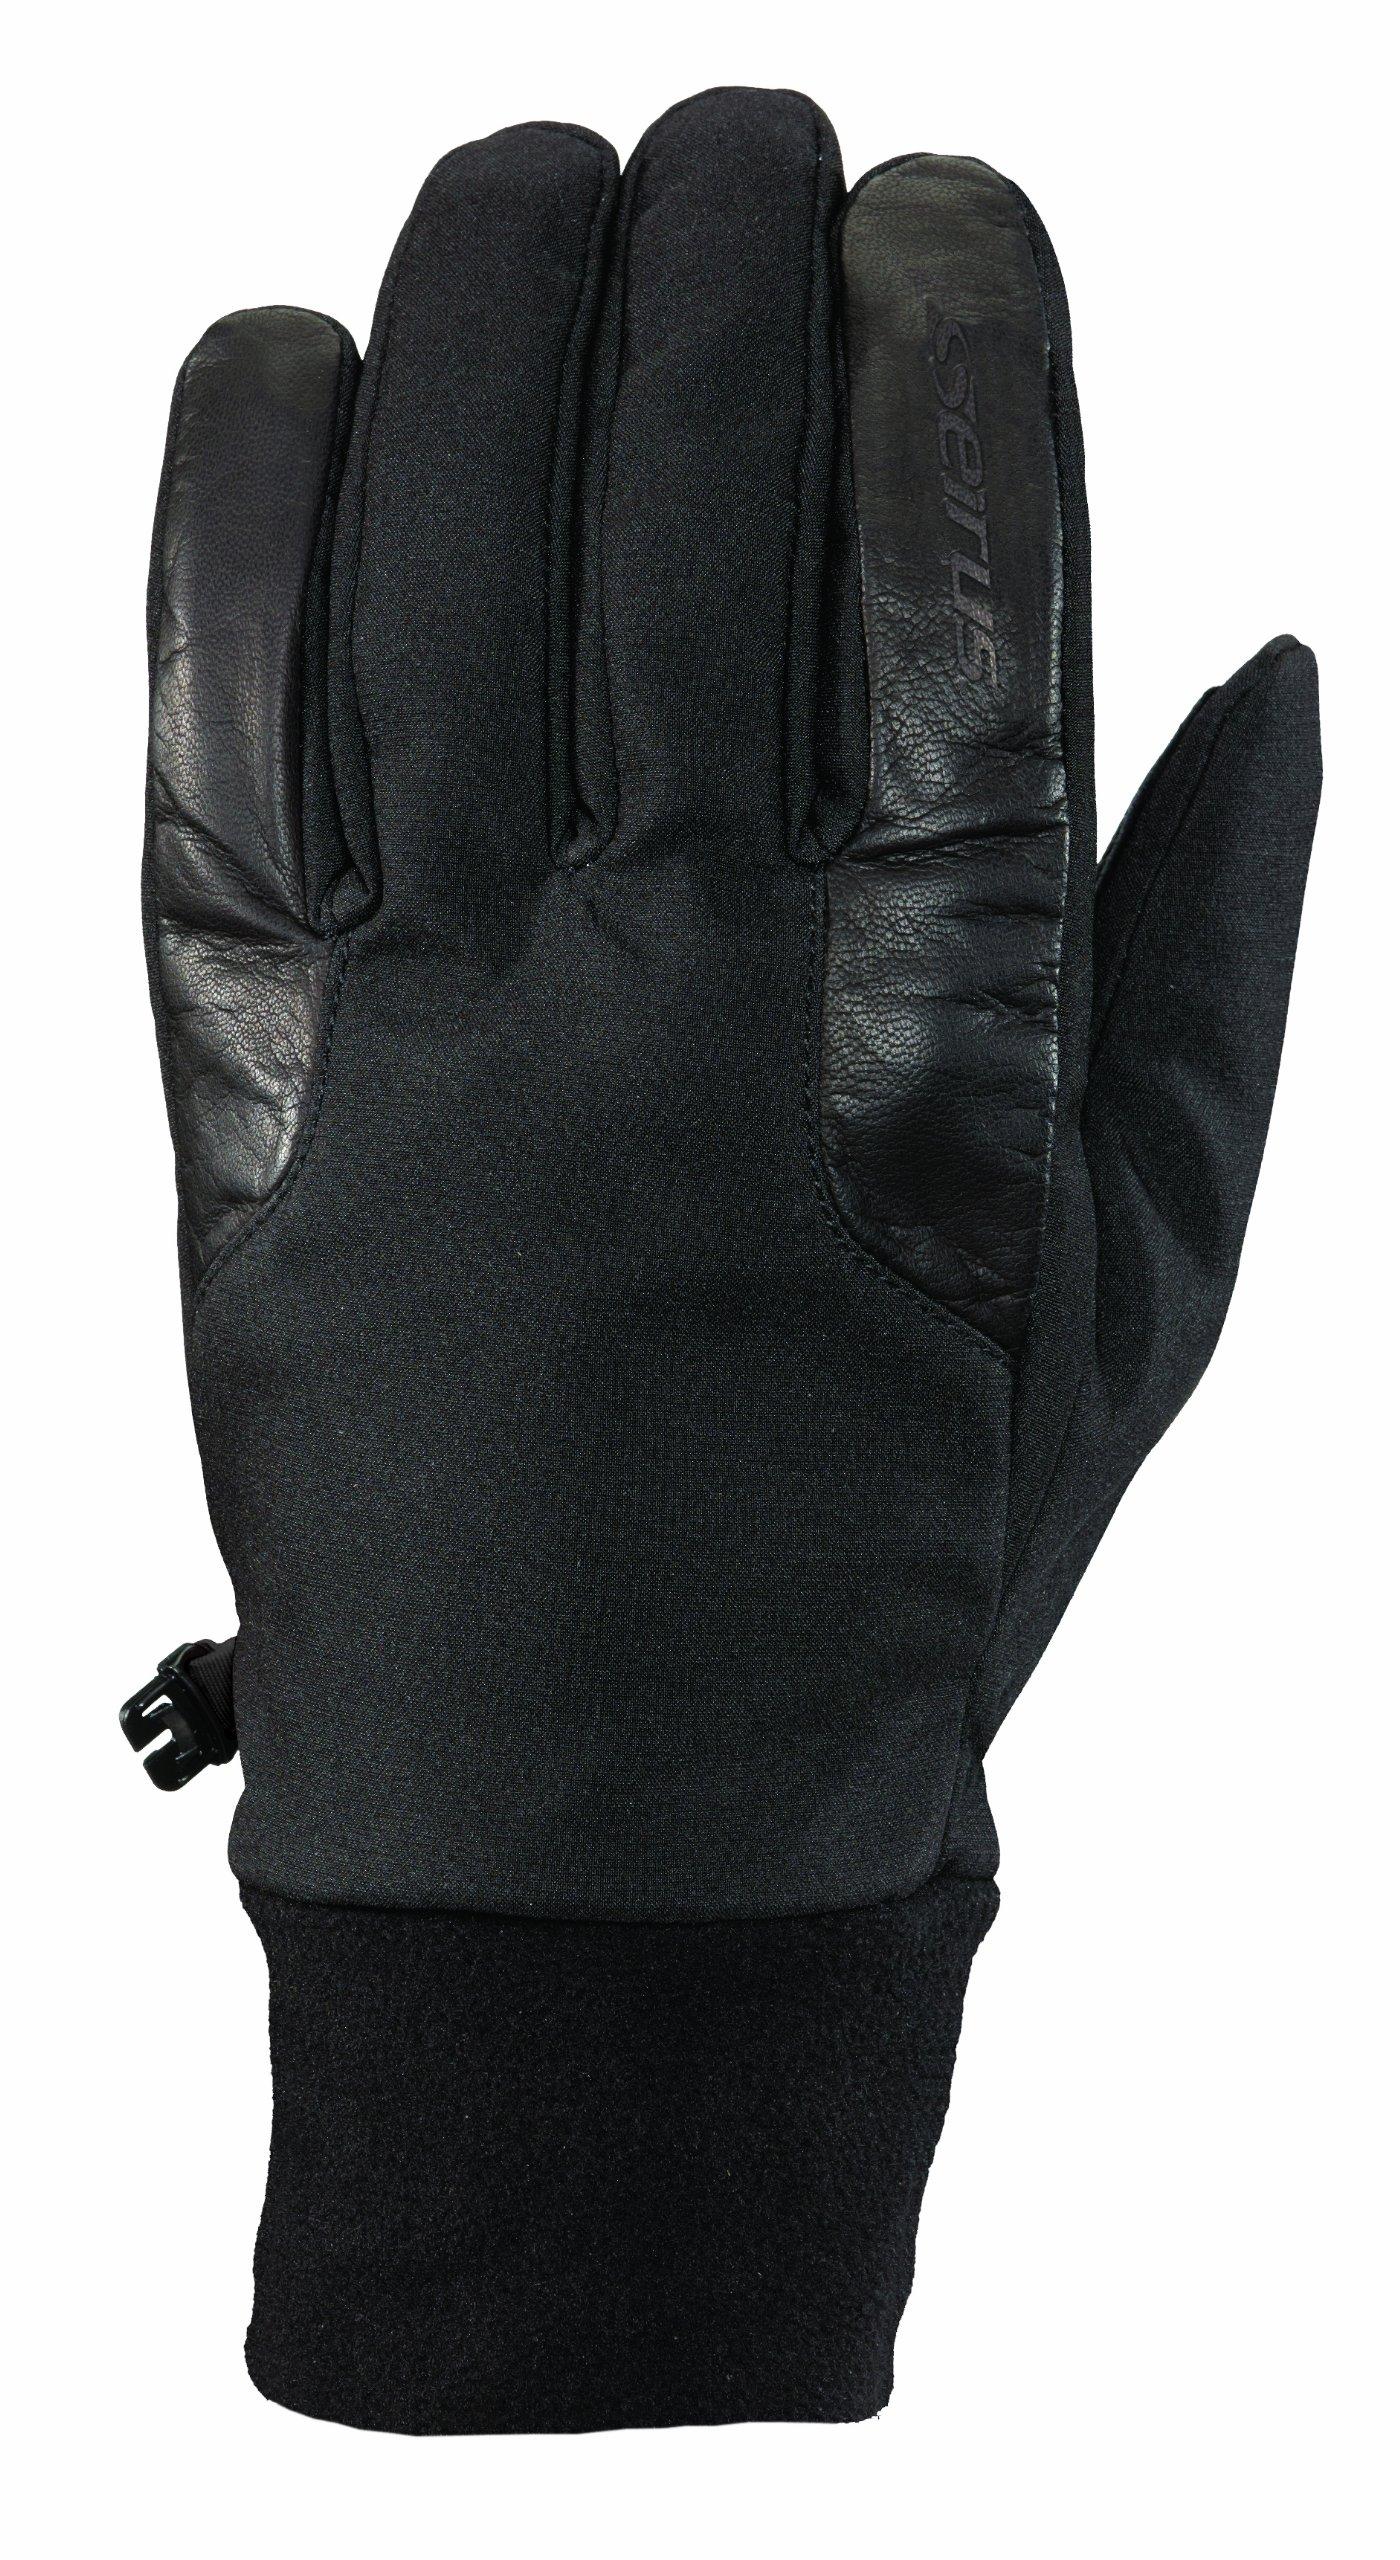 Seirus Innovation Men's Windstopper Blizzard Gloves, Black, Large